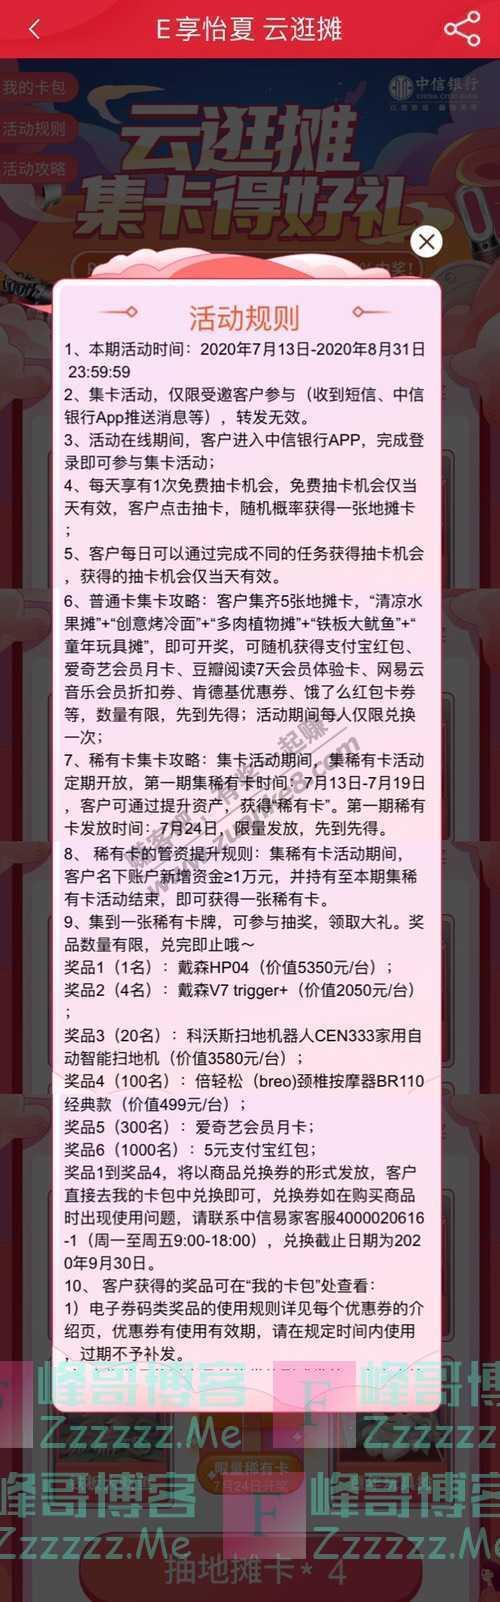 中信银行E享怡夏-云逛摊 集卡得好礼  (8月31日截止)